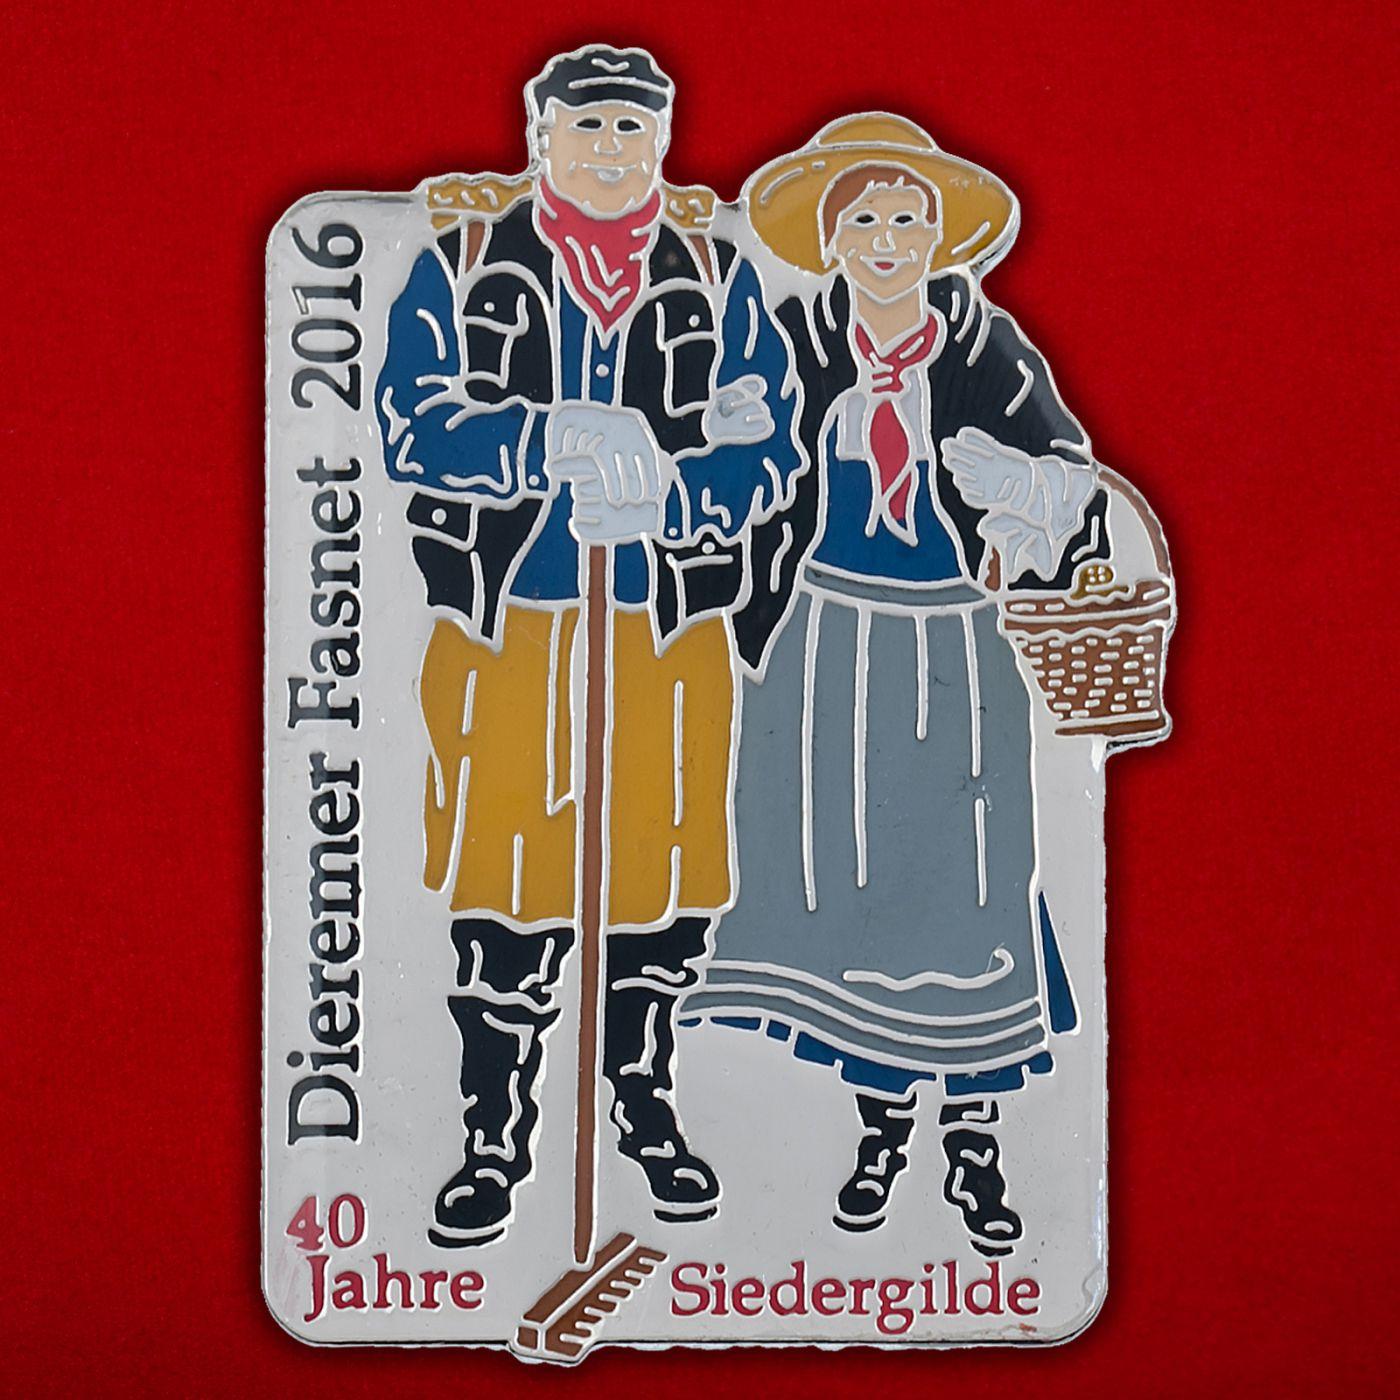 Значок карнавала в регионе Шварцвальд